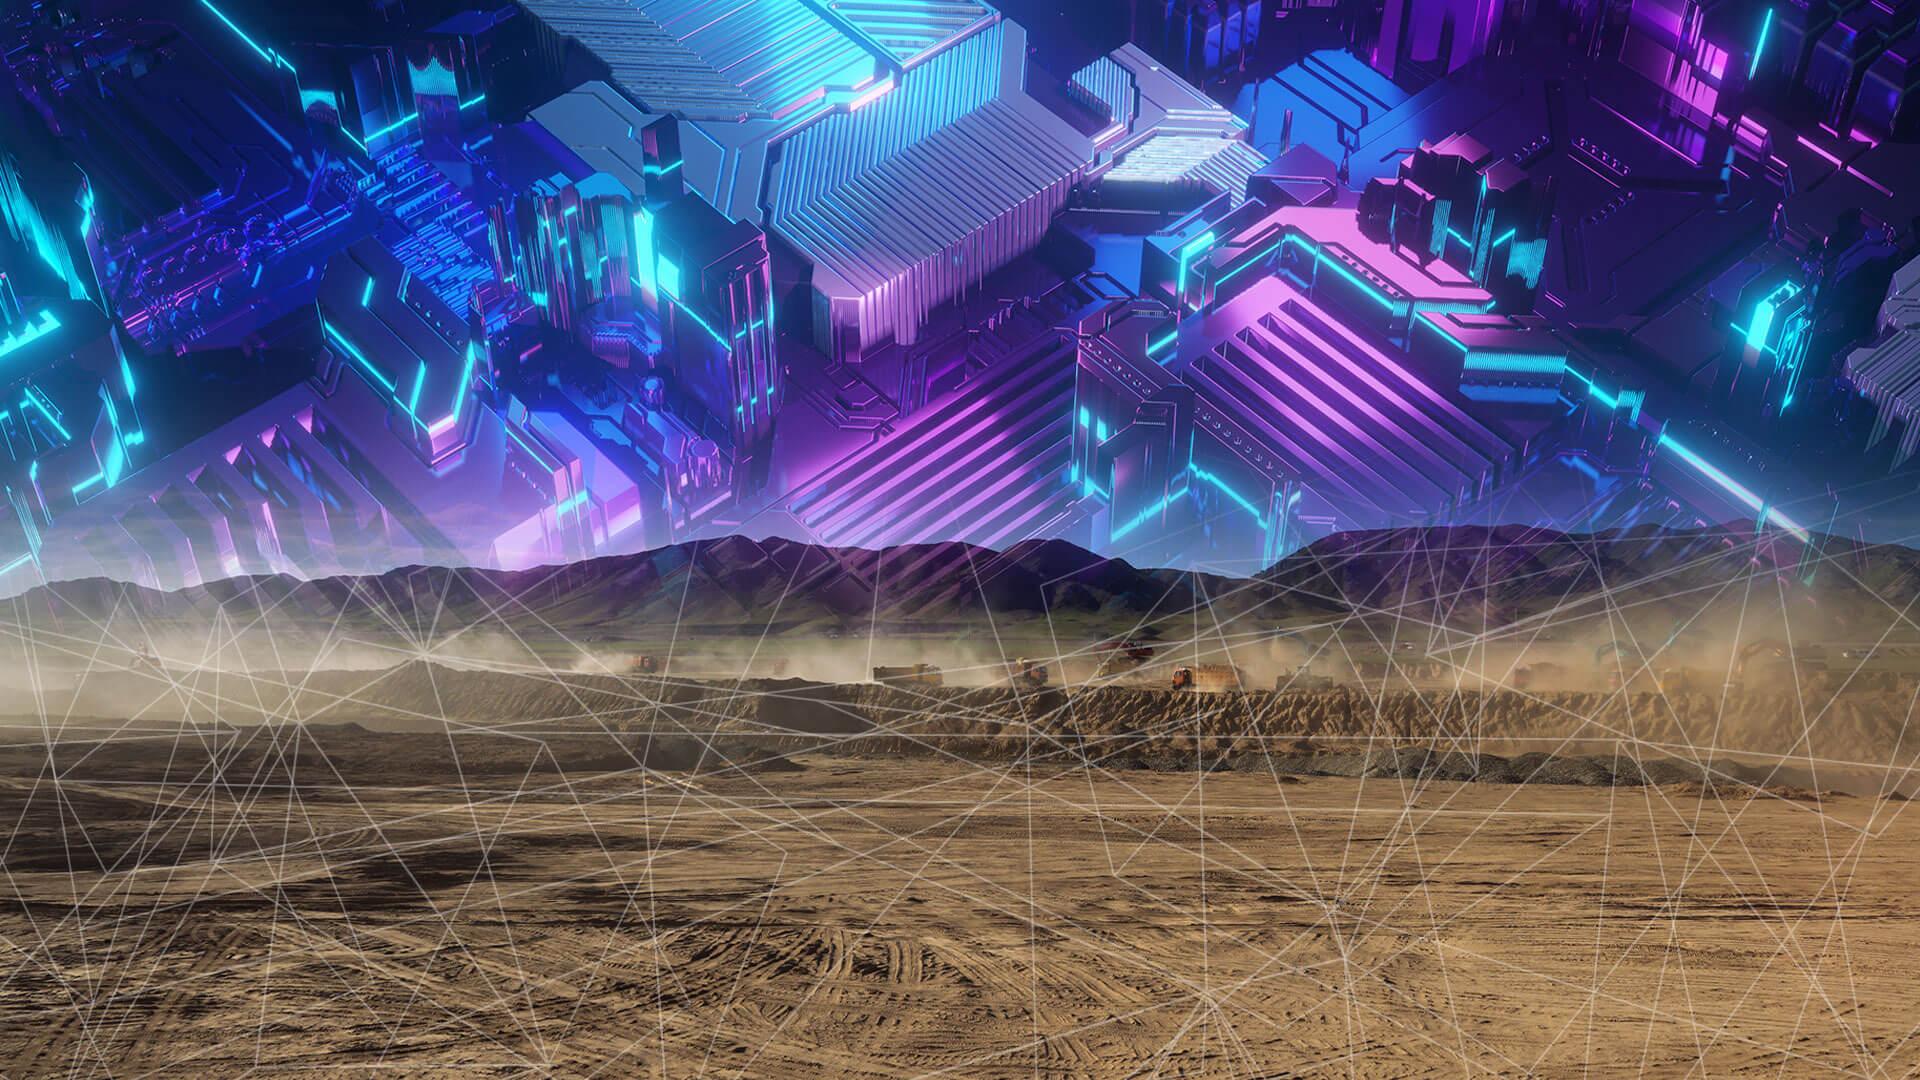 um terreno vazio e no lugar de nuvens um simbolo de tecnologia